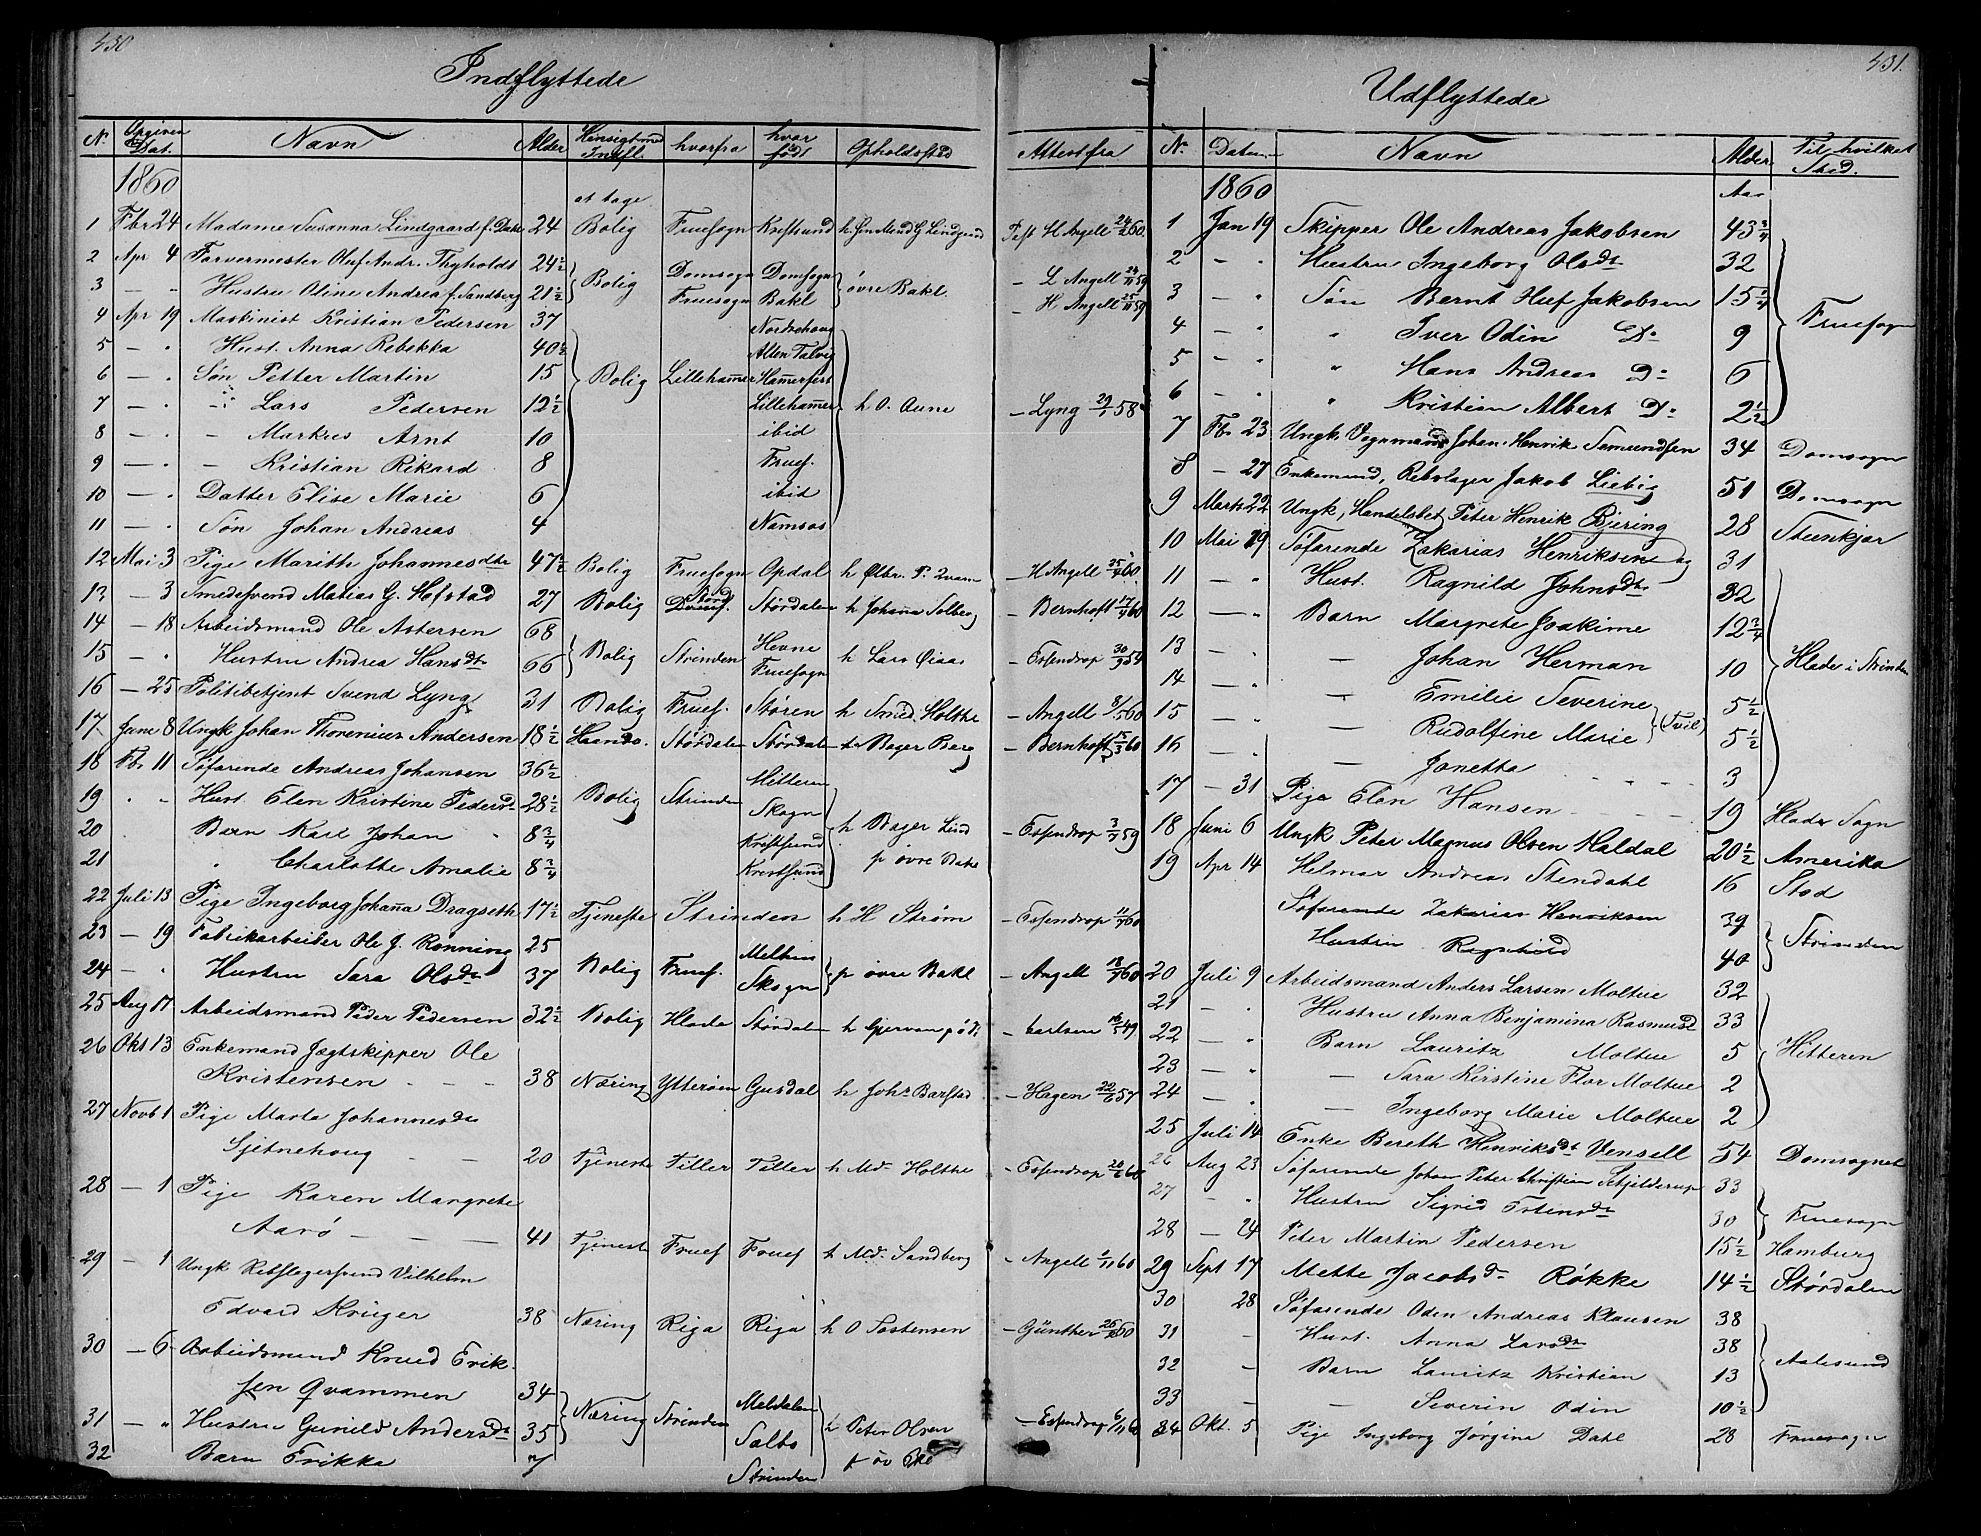 SAT, Ministerialprotokoller, klokkerbøker og fødselsregistre - Sør-Trøndelag, 604/L0219: Klokkerbok nr. 604C02, 1851-1869, s. 430-431